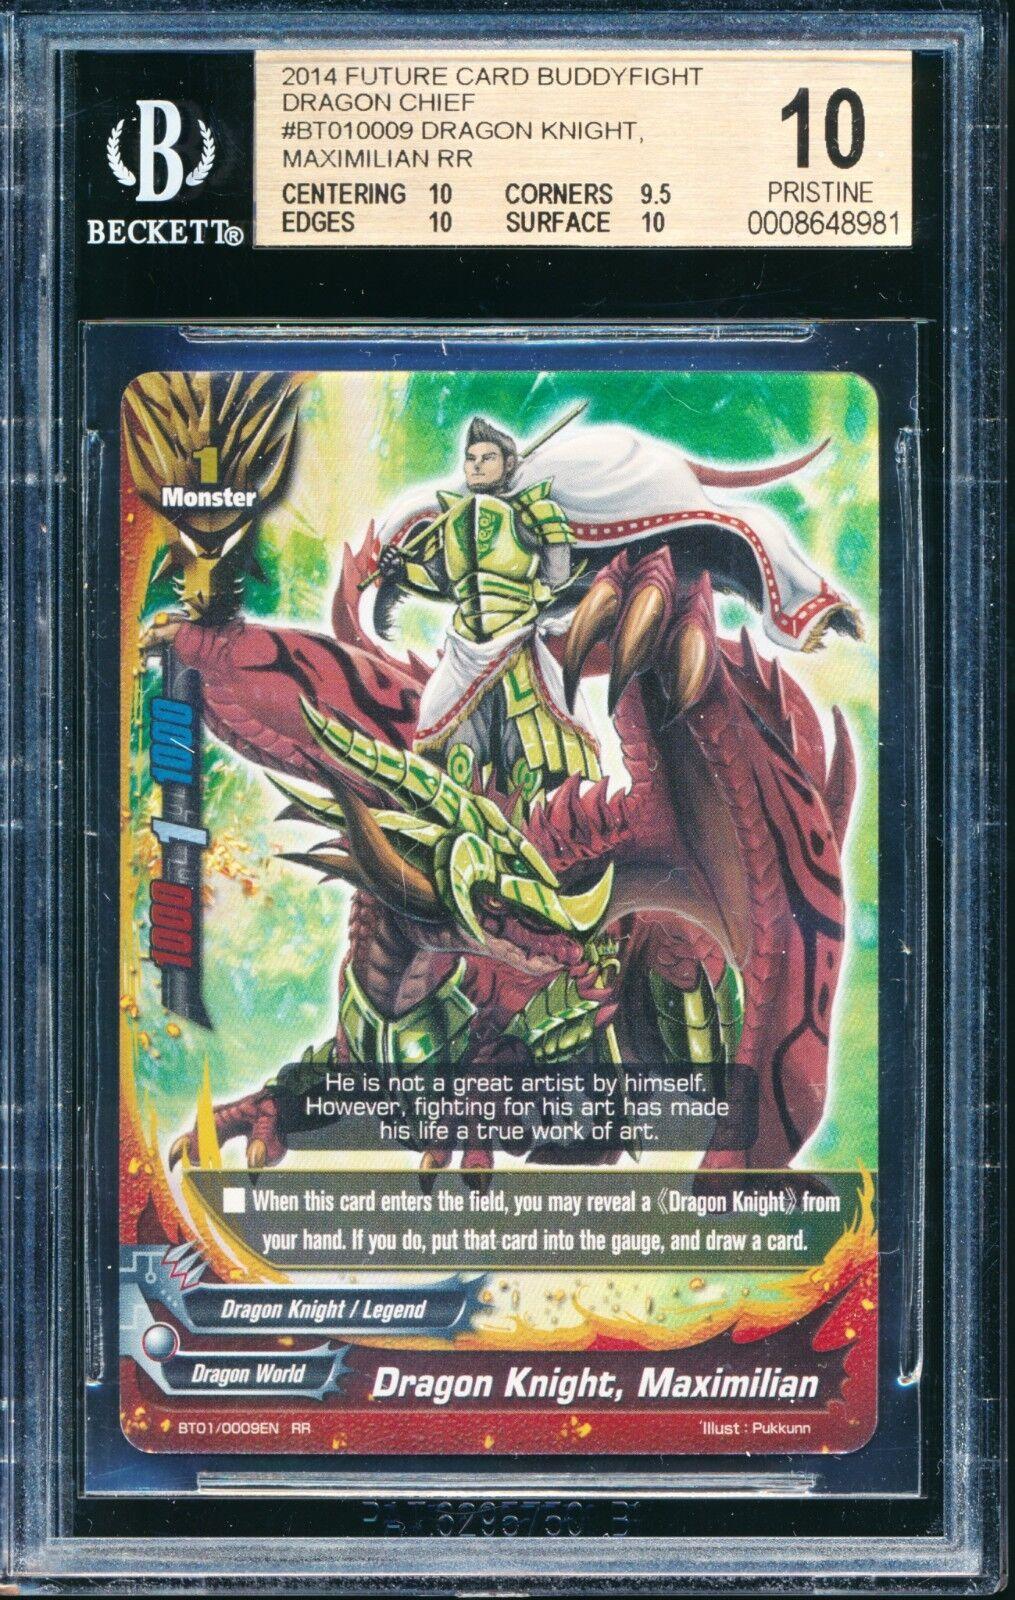 Framtida kort BuddyFight BGS 10 PRICINE kvalitetd drake Knight Maximilian BT01 RR